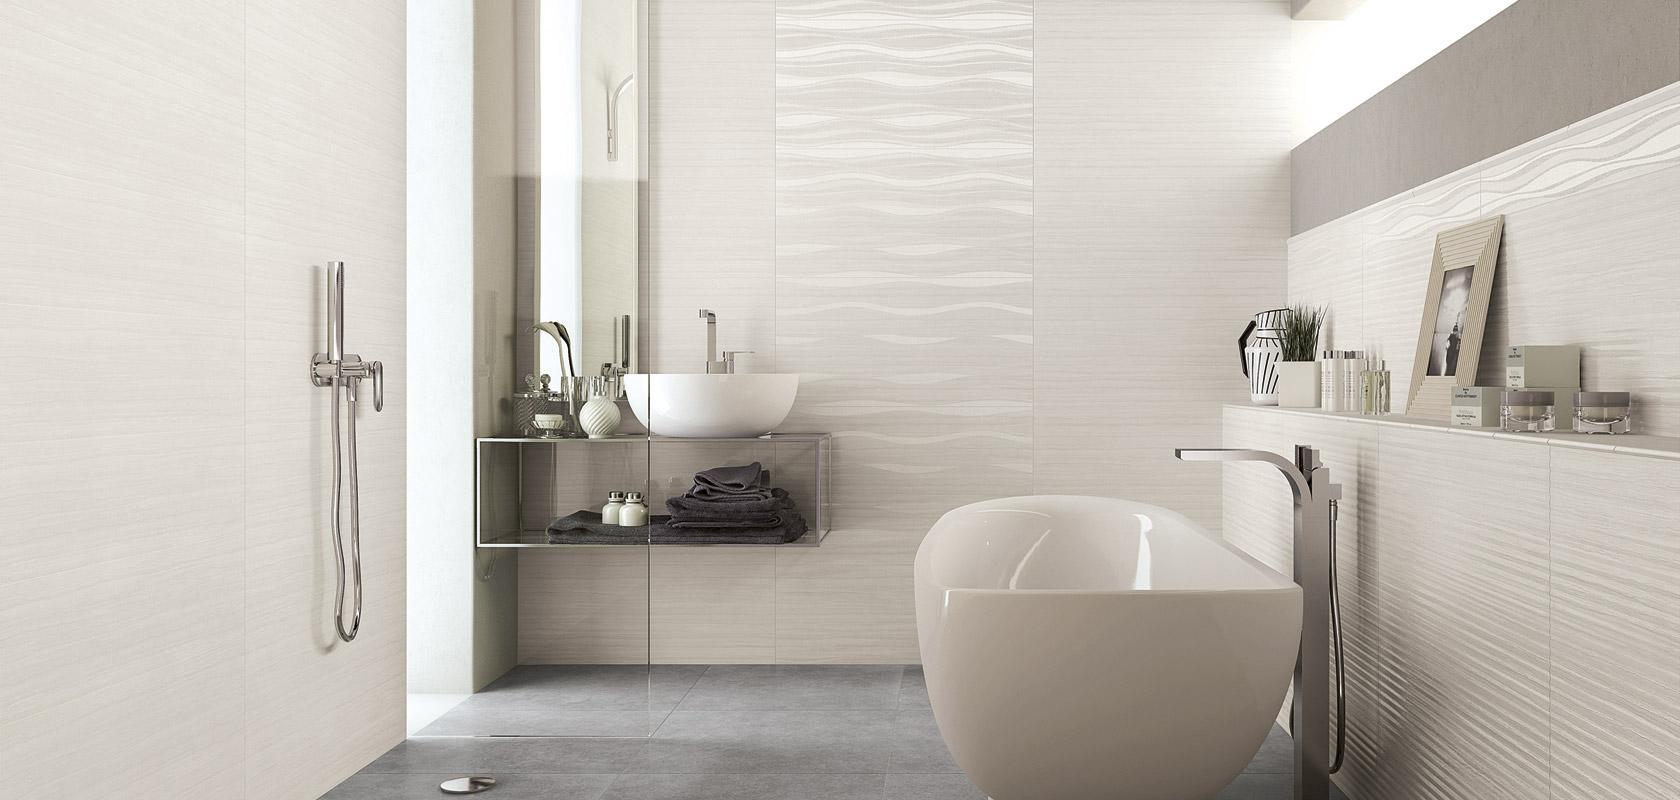 Rivestimenti e piastrelle bagno bergamo salvetti ceramiche - Ceramiche bagno moderno ...